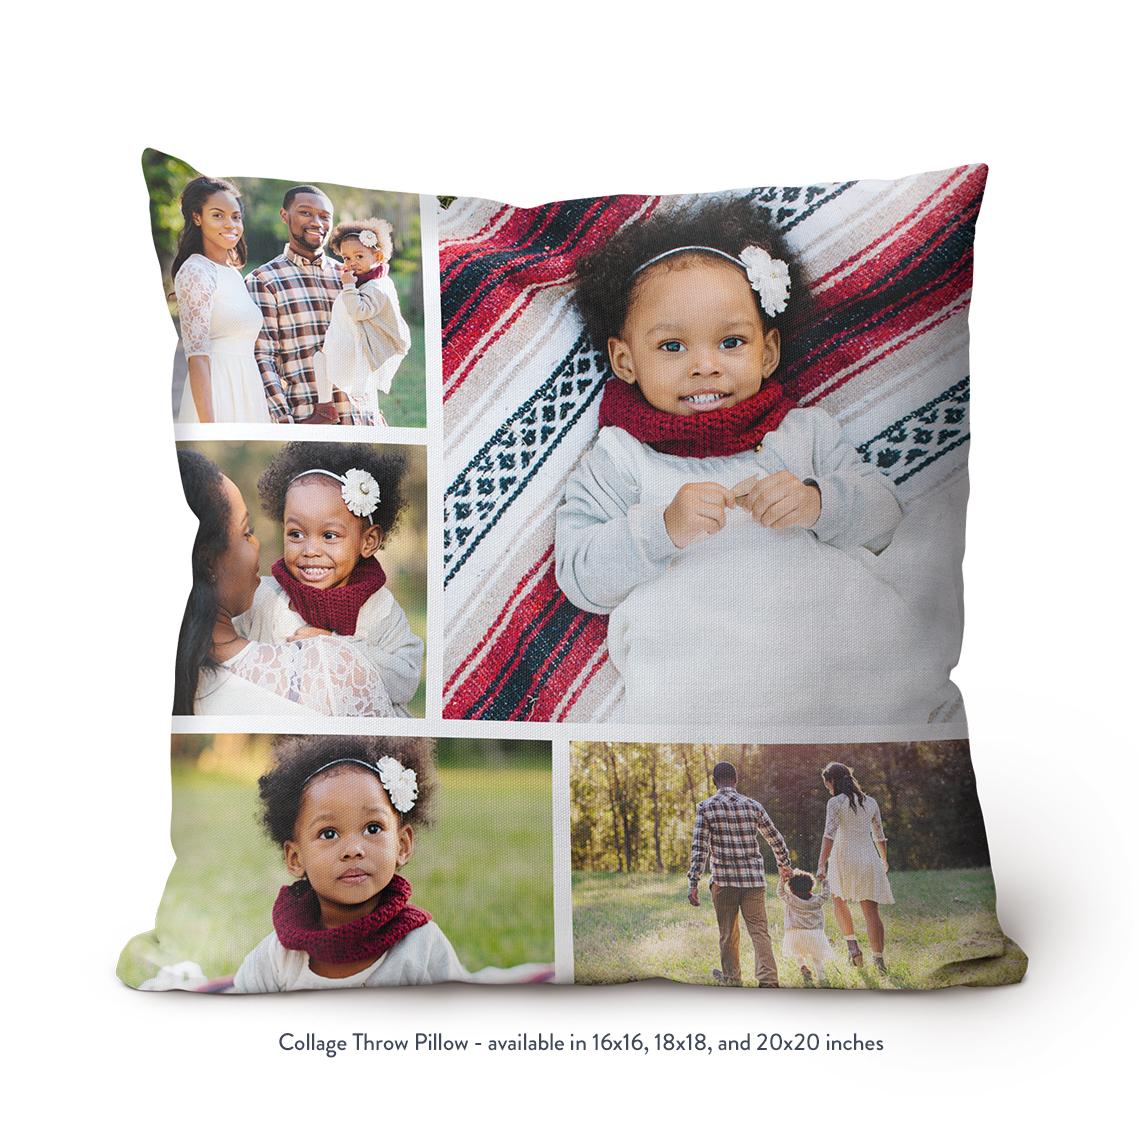 Collage Throw Pillow 18x18